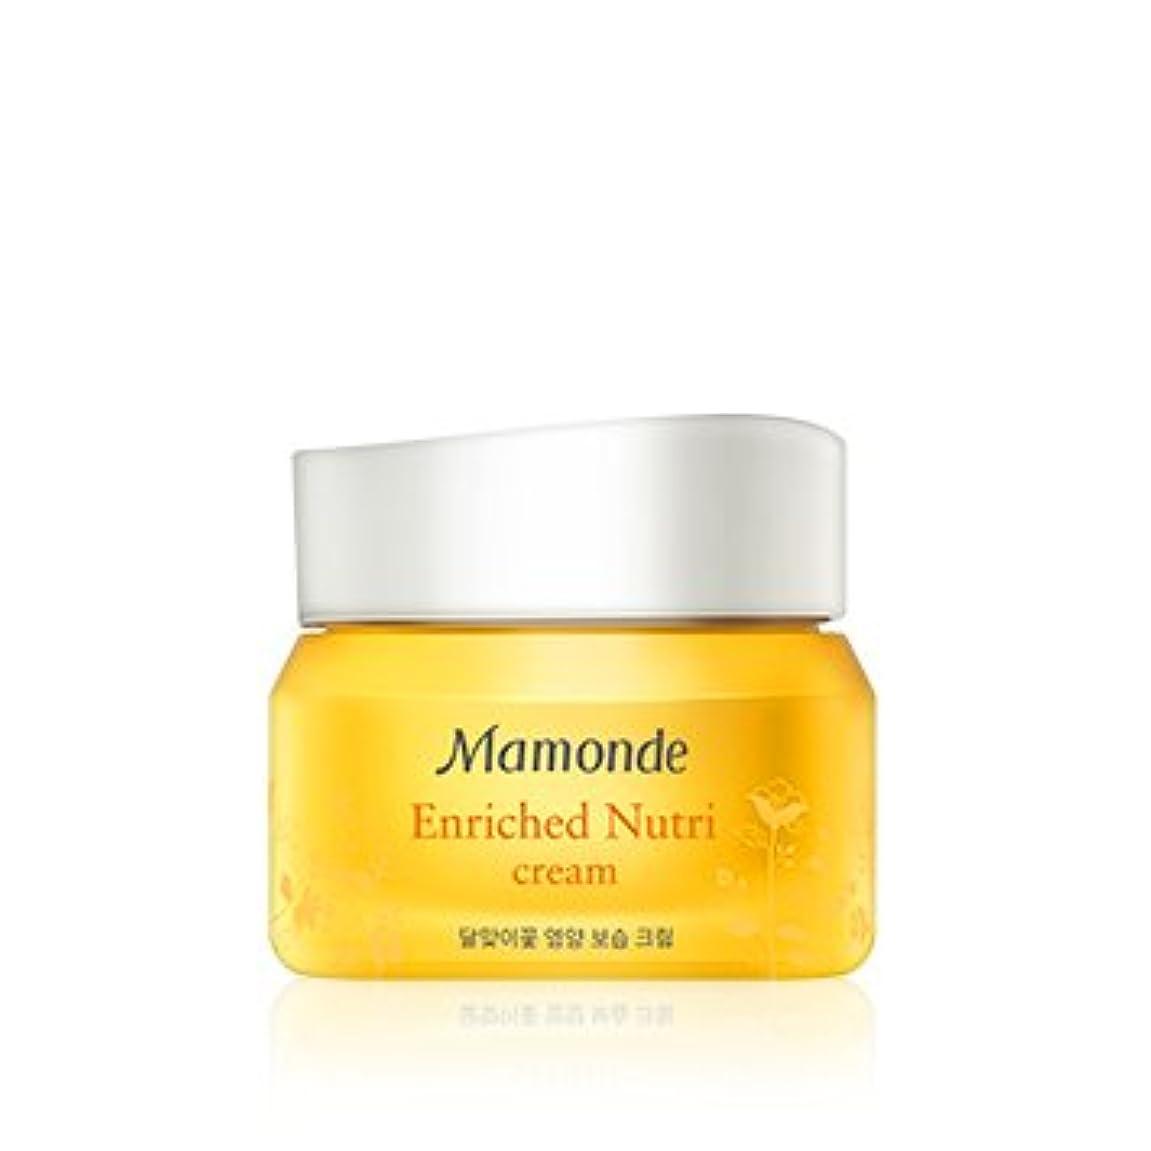 不完全バイパス個人[New] Mamonde Enriched Nutri Cream 50ml/マモンド エンリッチド ニュートリ クリーム 50ml [並行輸入品]